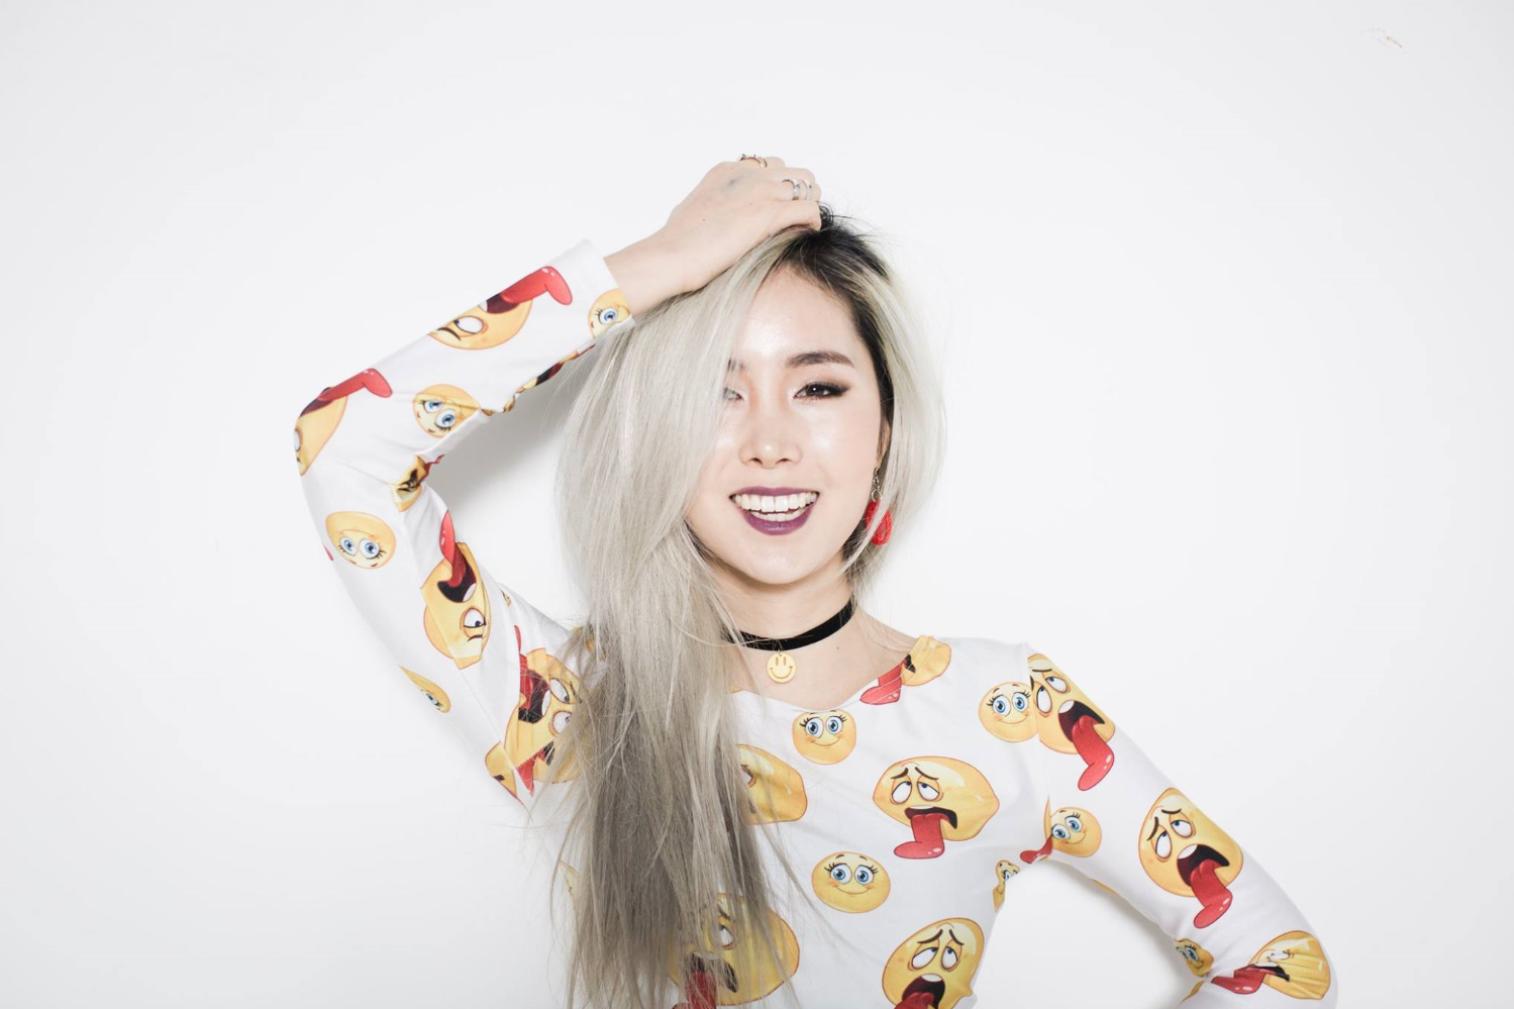 Imagini pentru grace kpop